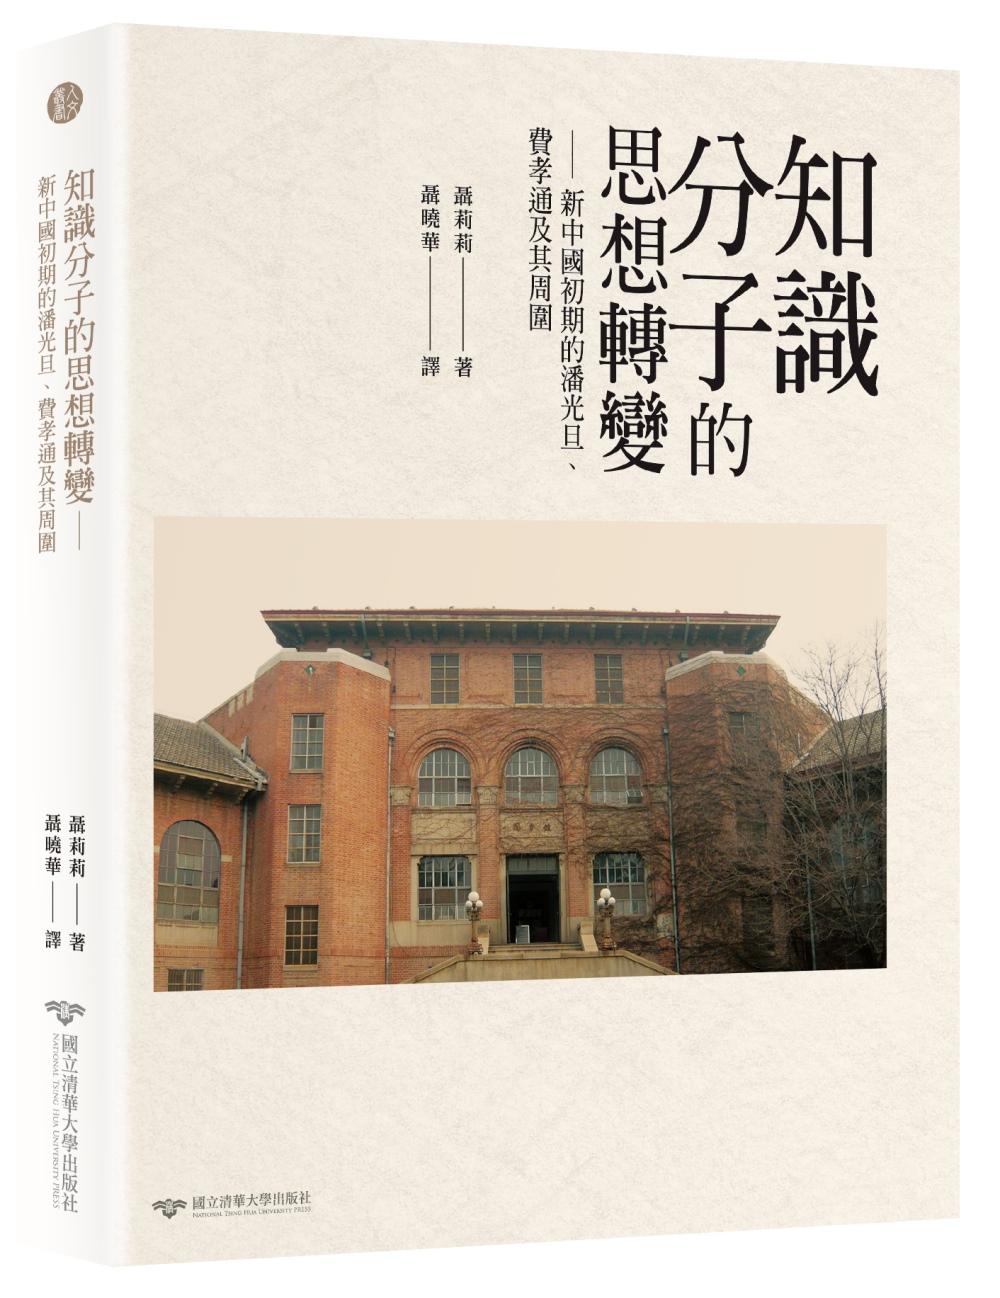 知識分子的思想轉變:新中國初期的潘光旦、費孝通及其周圍